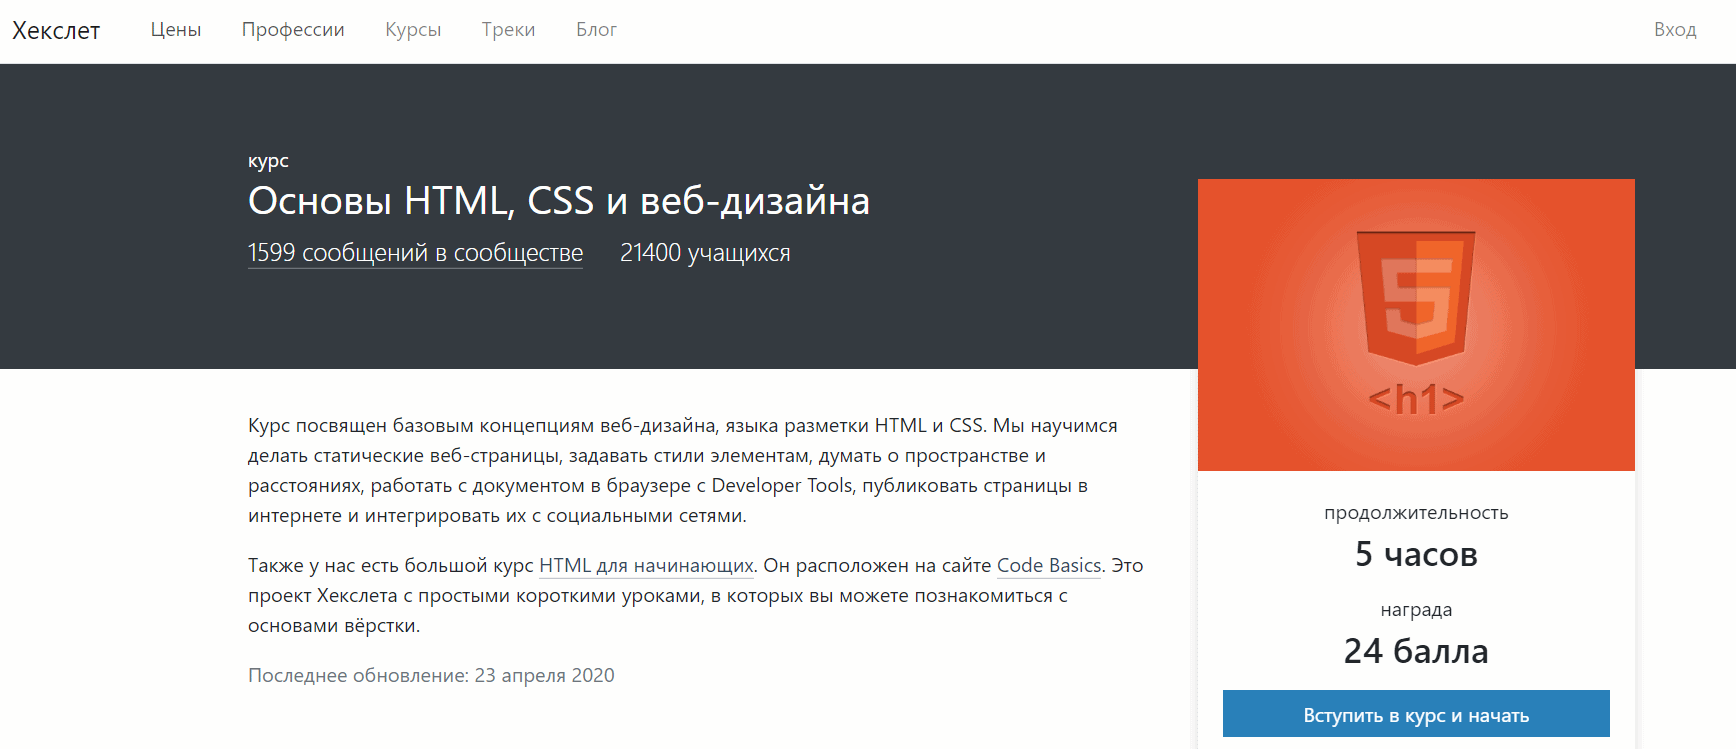 Основы HTML, CSS — Хекслет